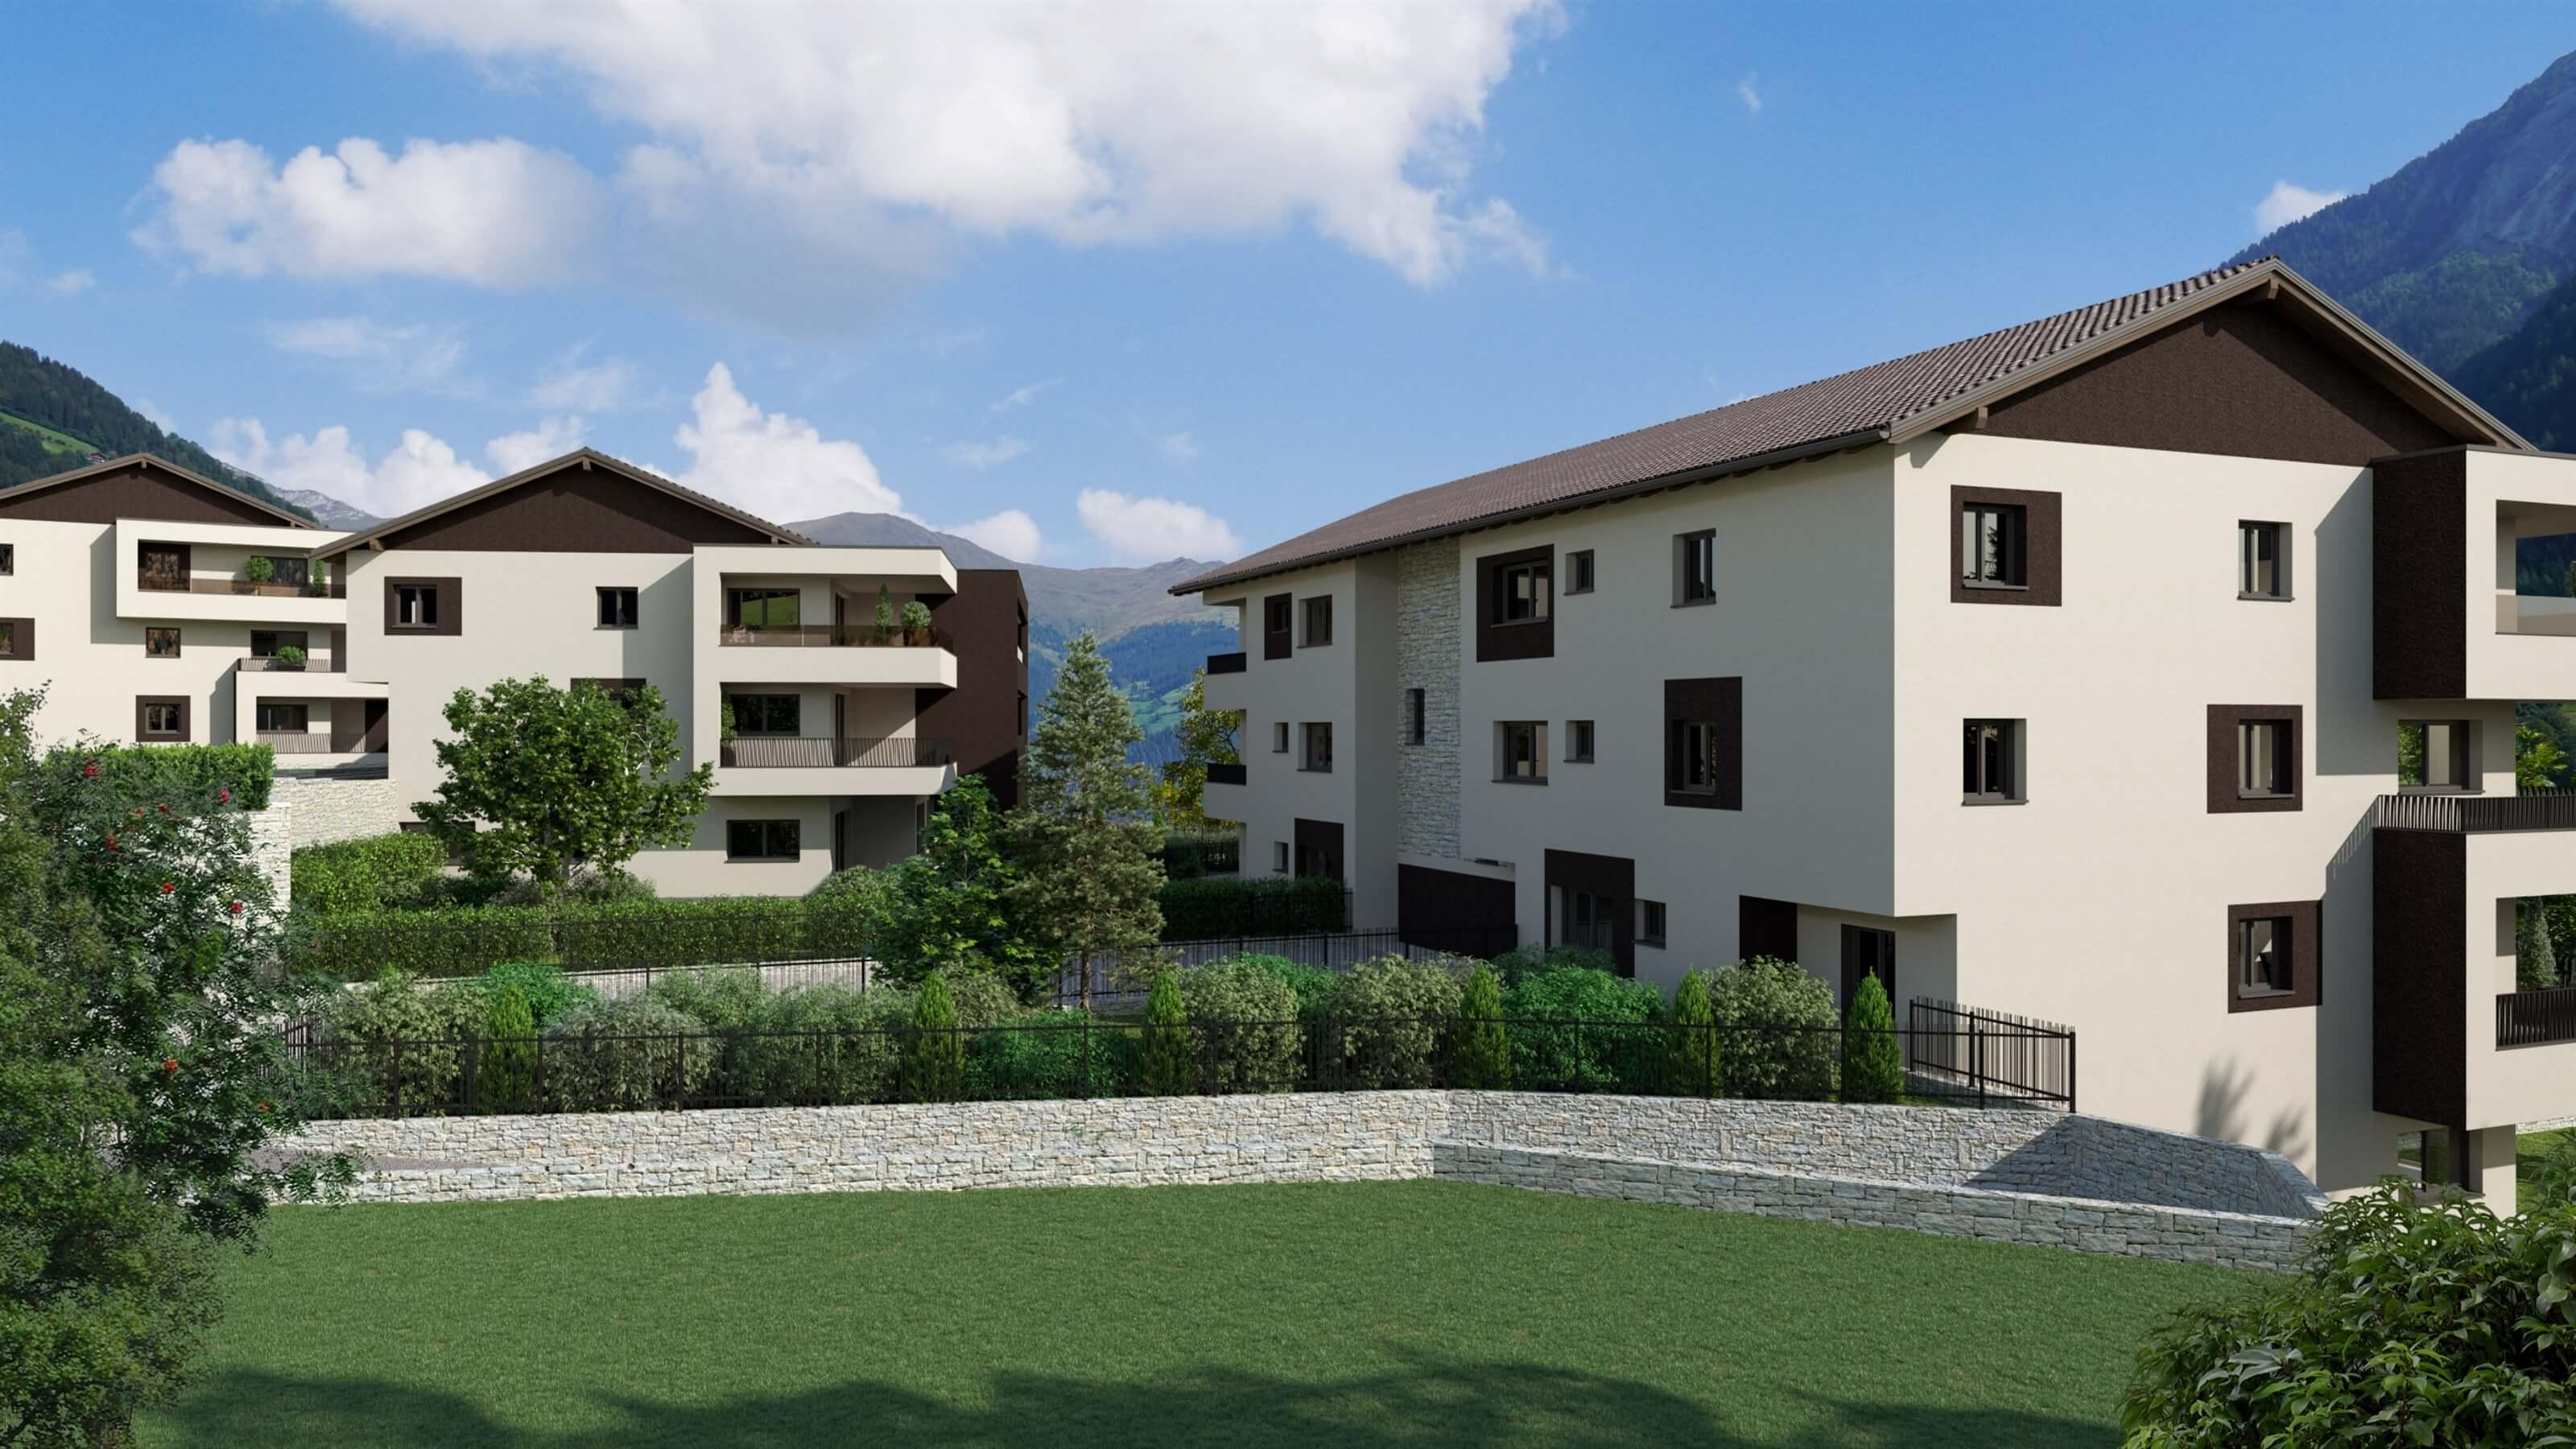 Residence Haslach - Appartamenti nuovi a San Martino in ...